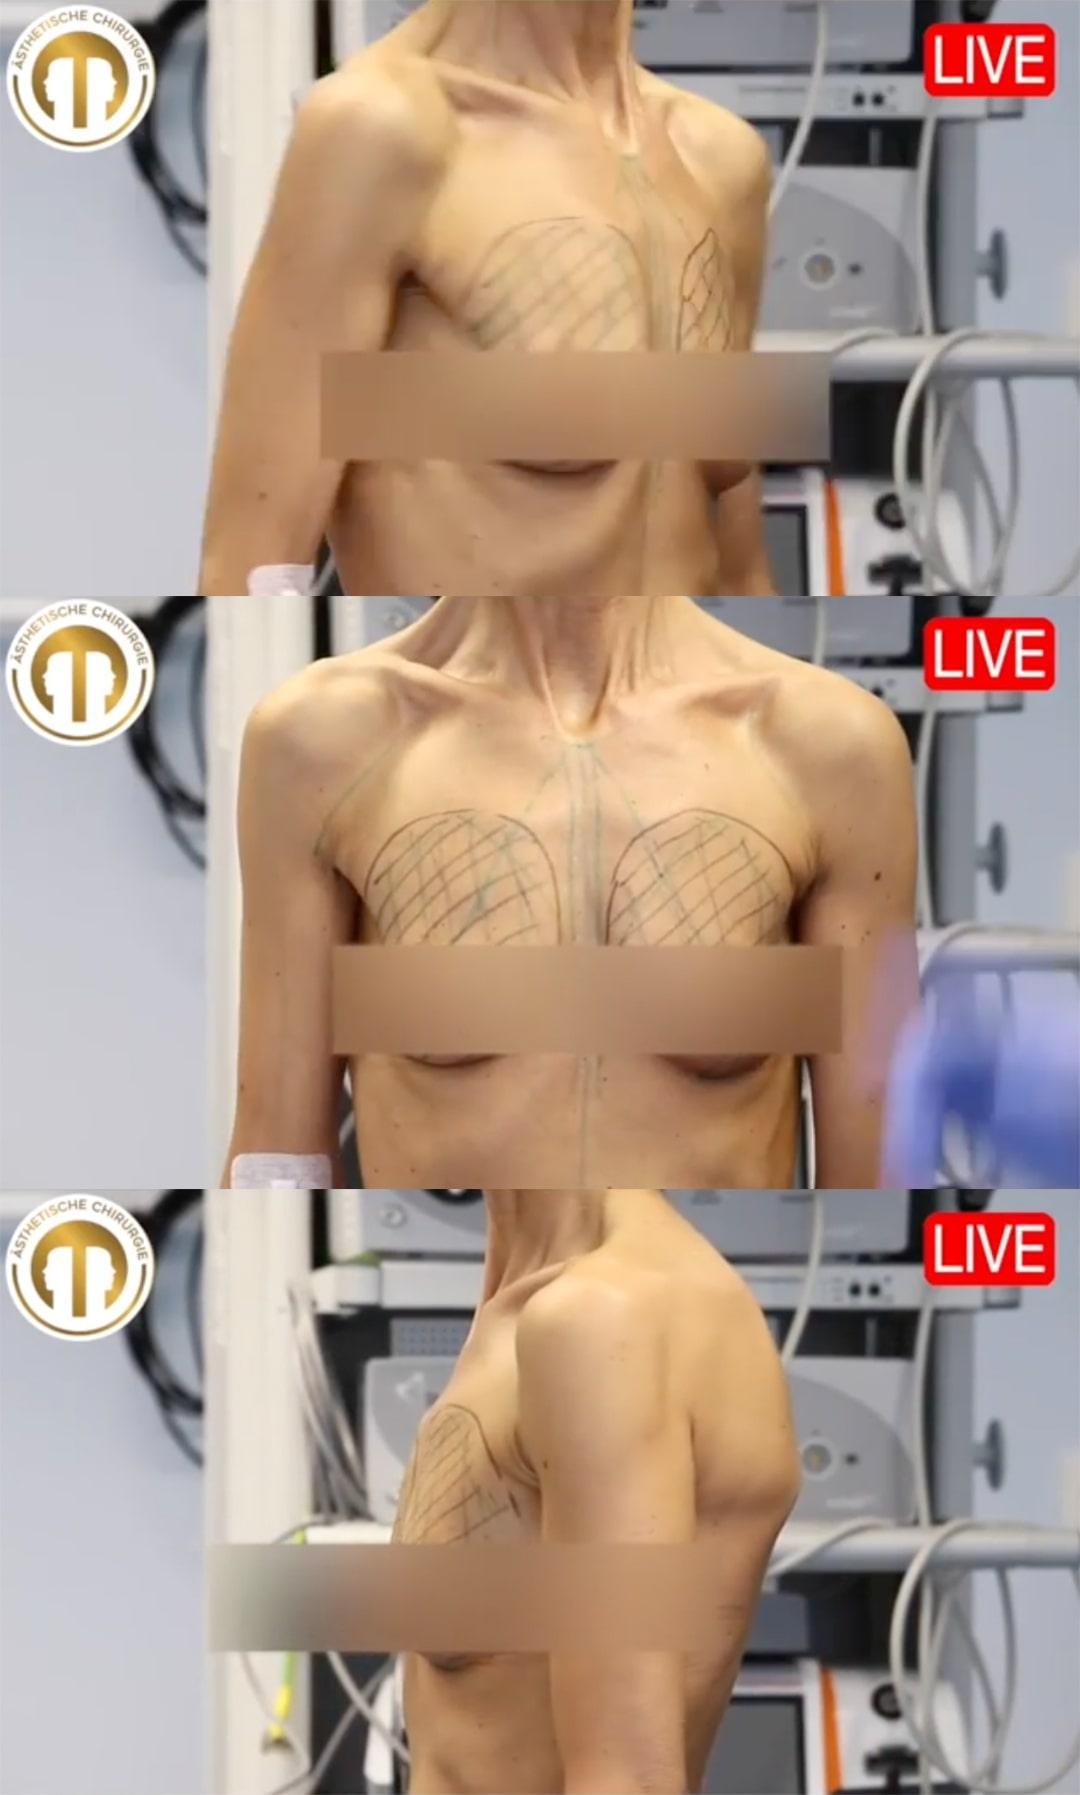 Bilder nachher operation intim vorher Schamlippenverkleinerung: Warum